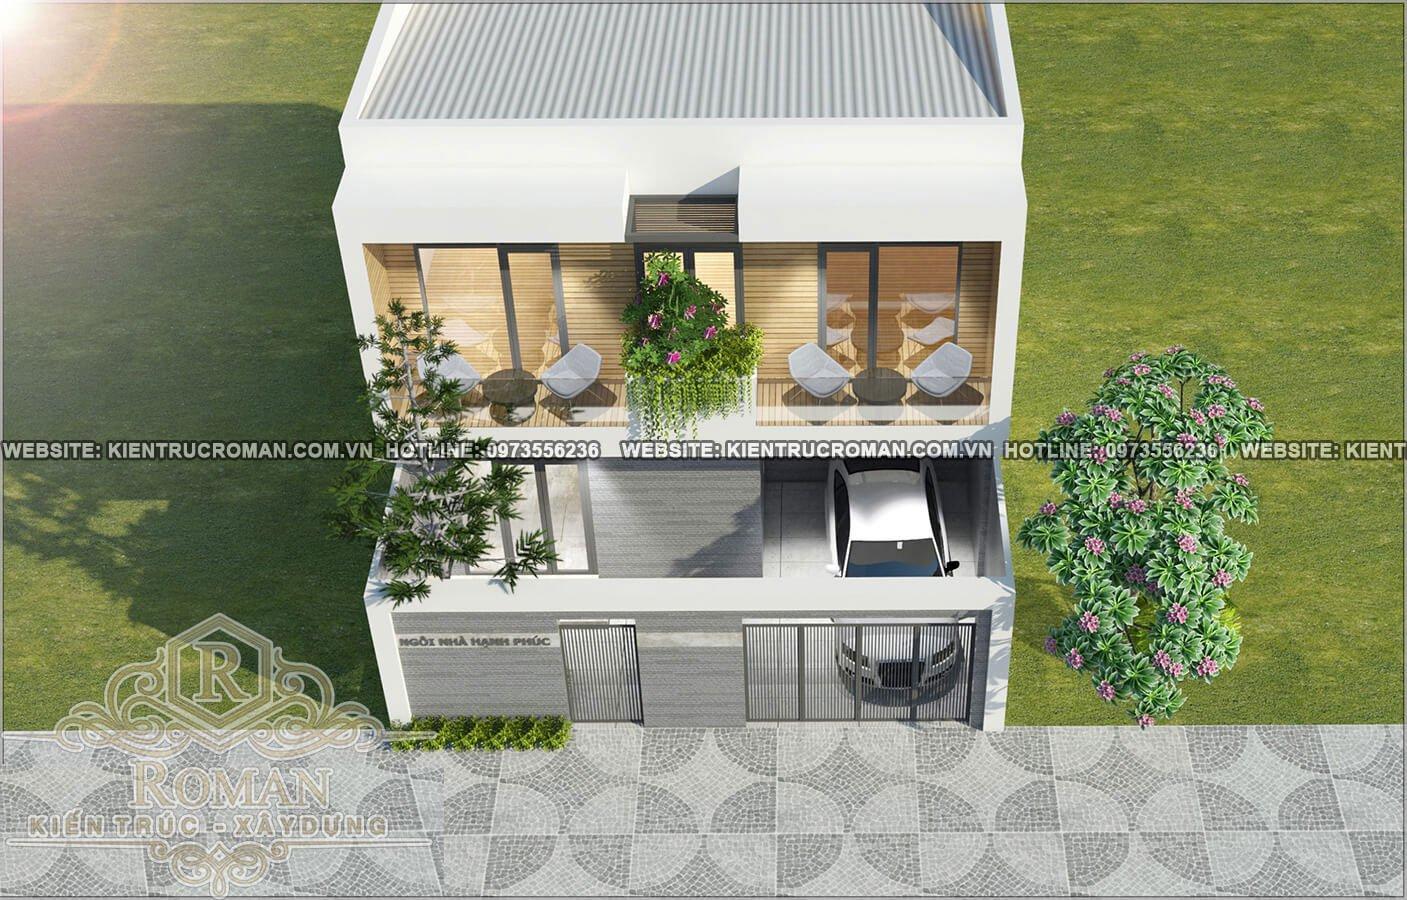 mẫu nhà 2 tầng đơn giản